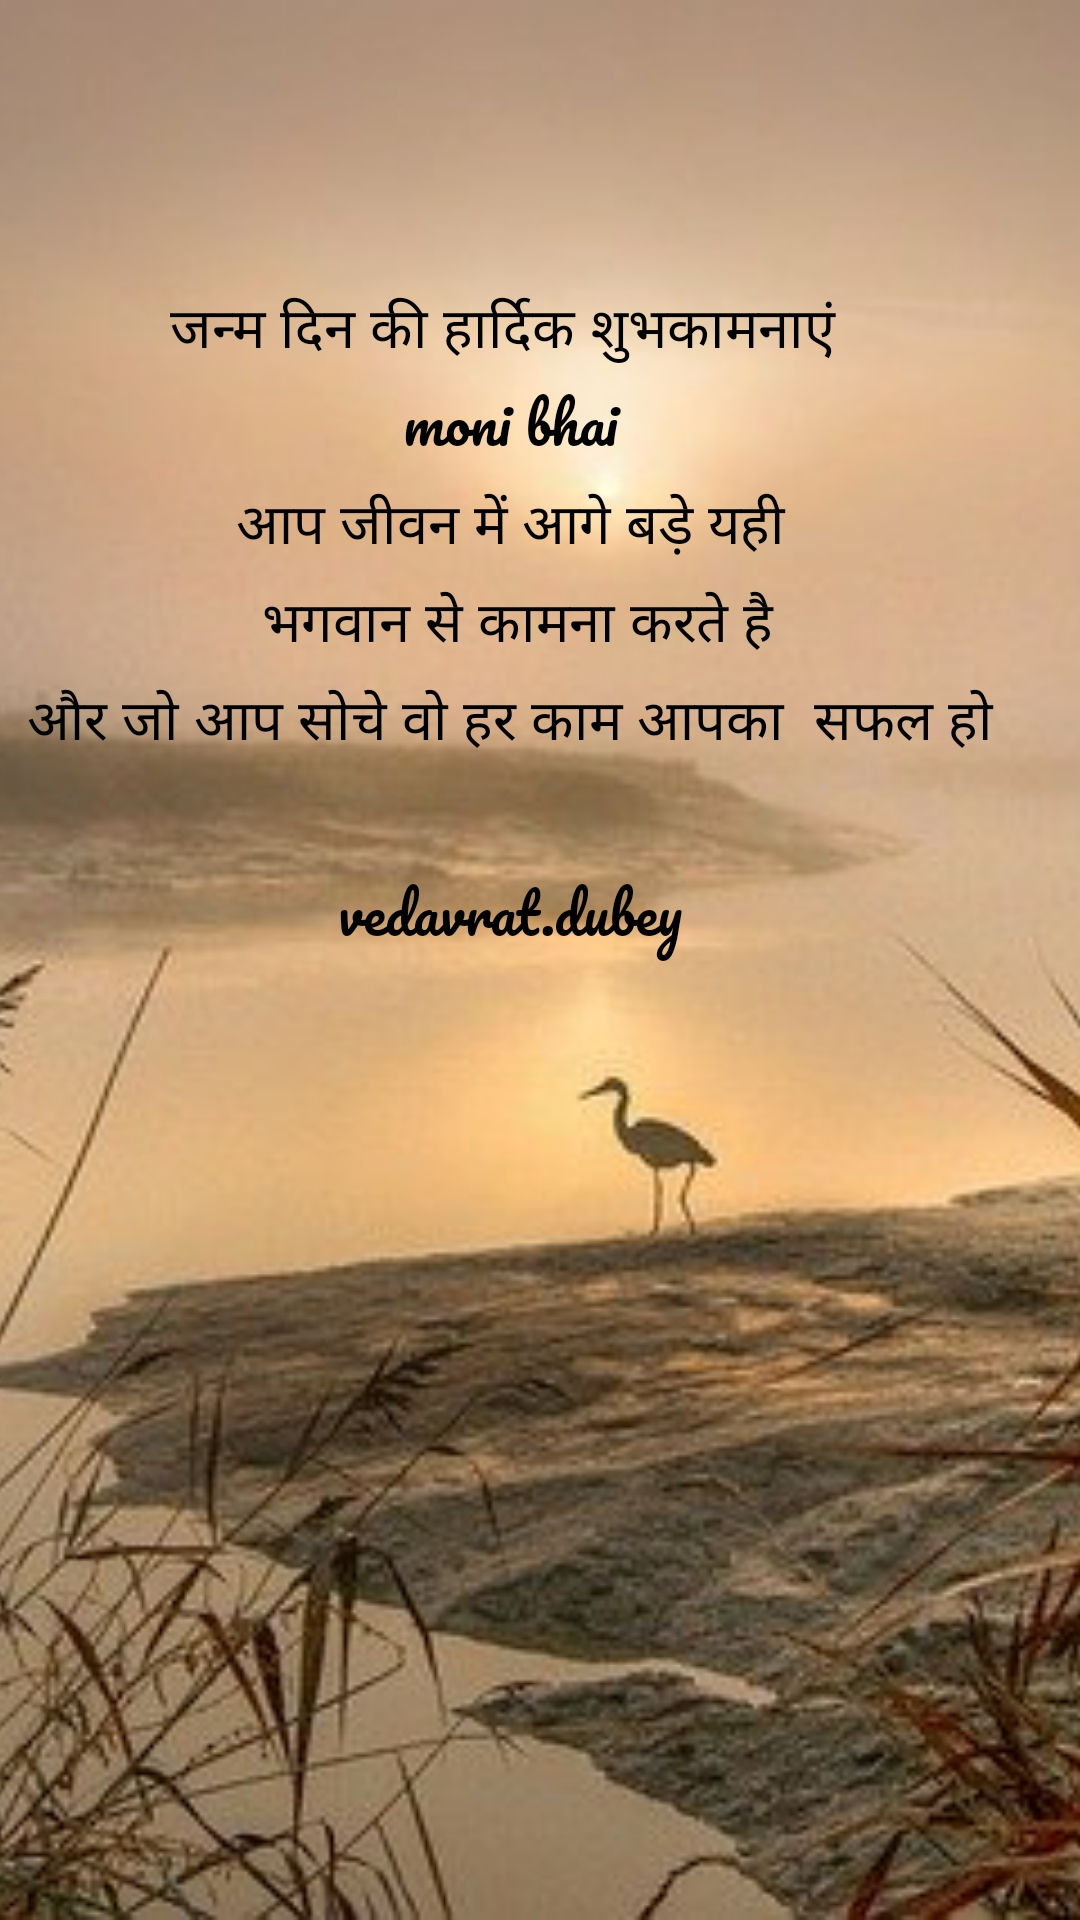 जन्म दिन की हार्दिक शुभकामनाएं  moni bhai आप जीवन में आगे बड़े यही  भगवान से कामना करते है और जो आप सोचे वो हर काम आपका  सफल हो  vedavrat.dubey